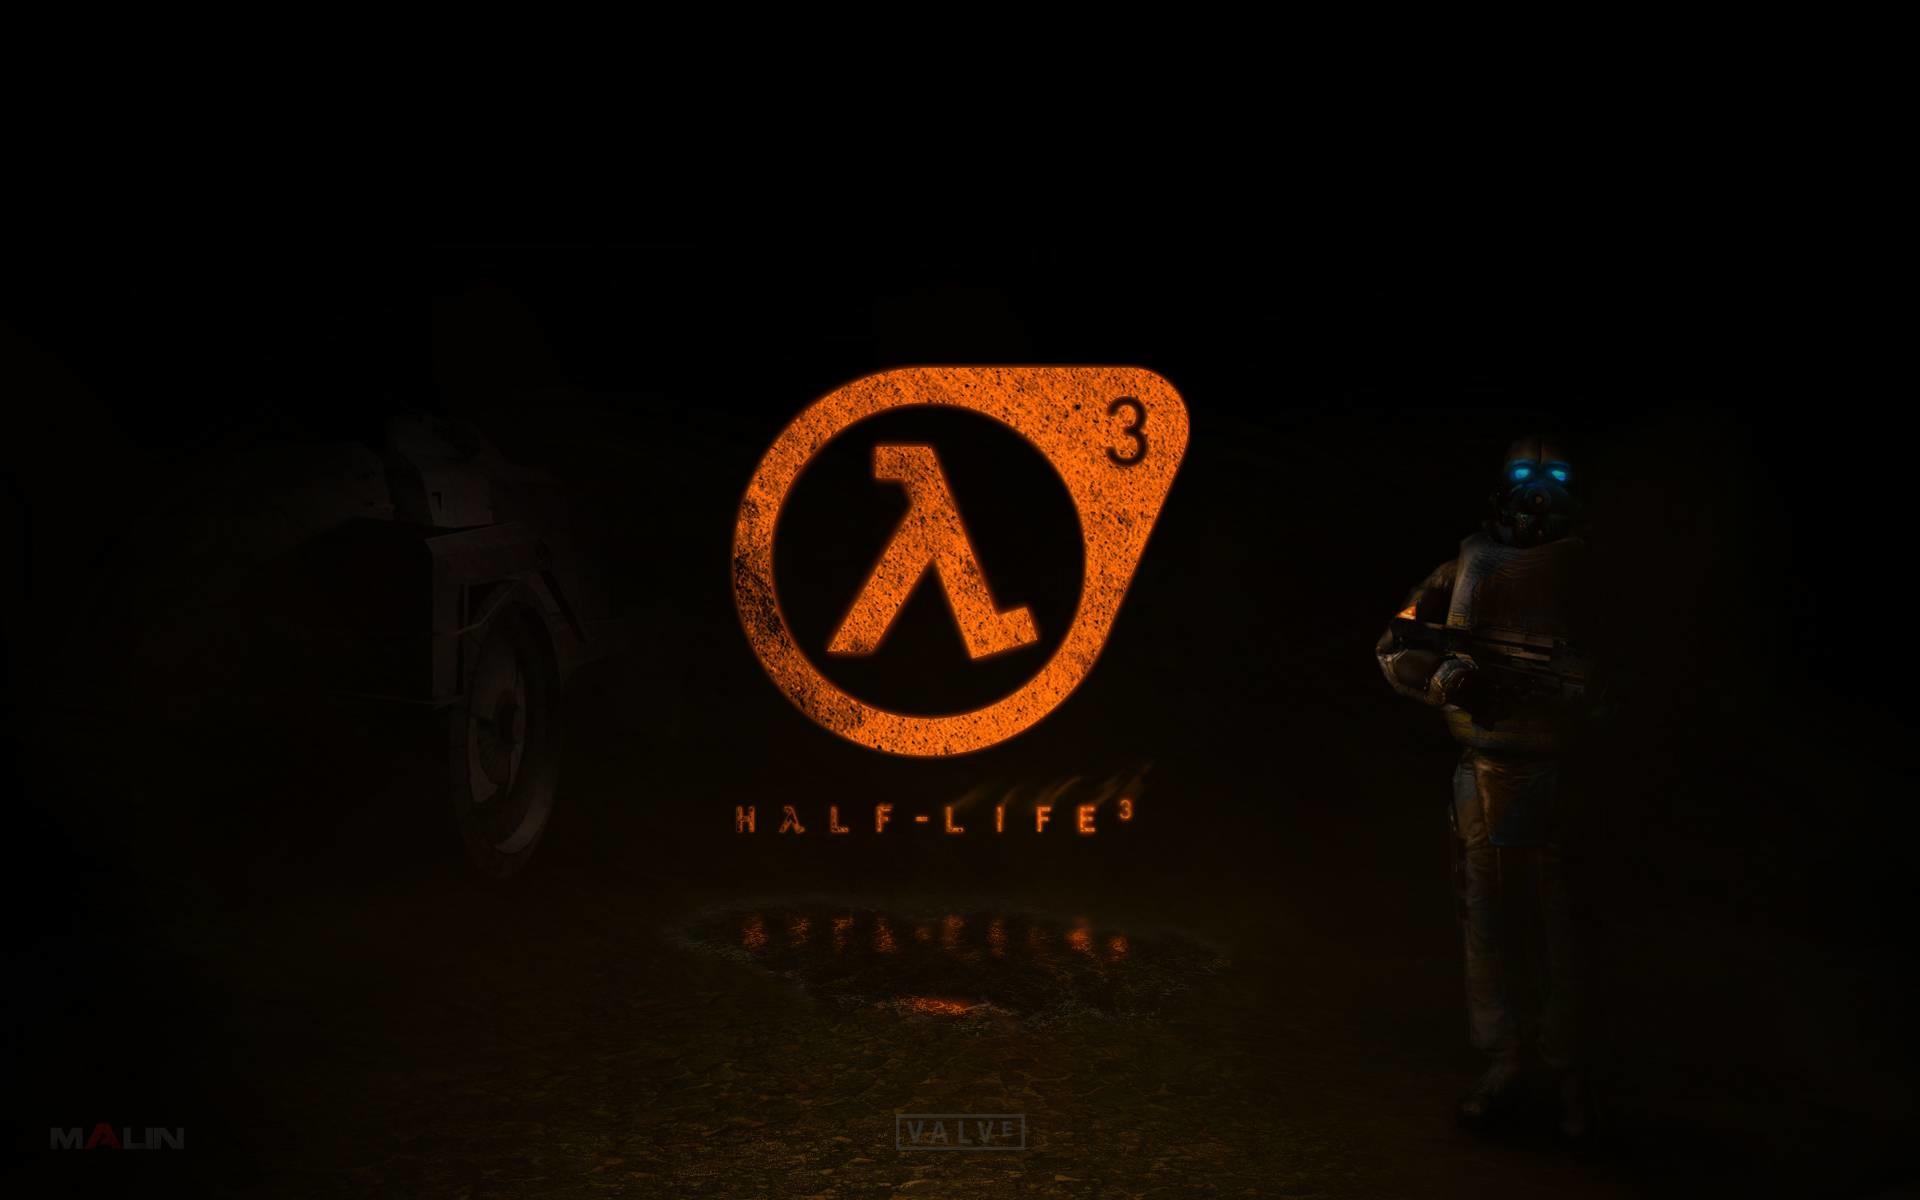 Half Life 3 Wallpaper